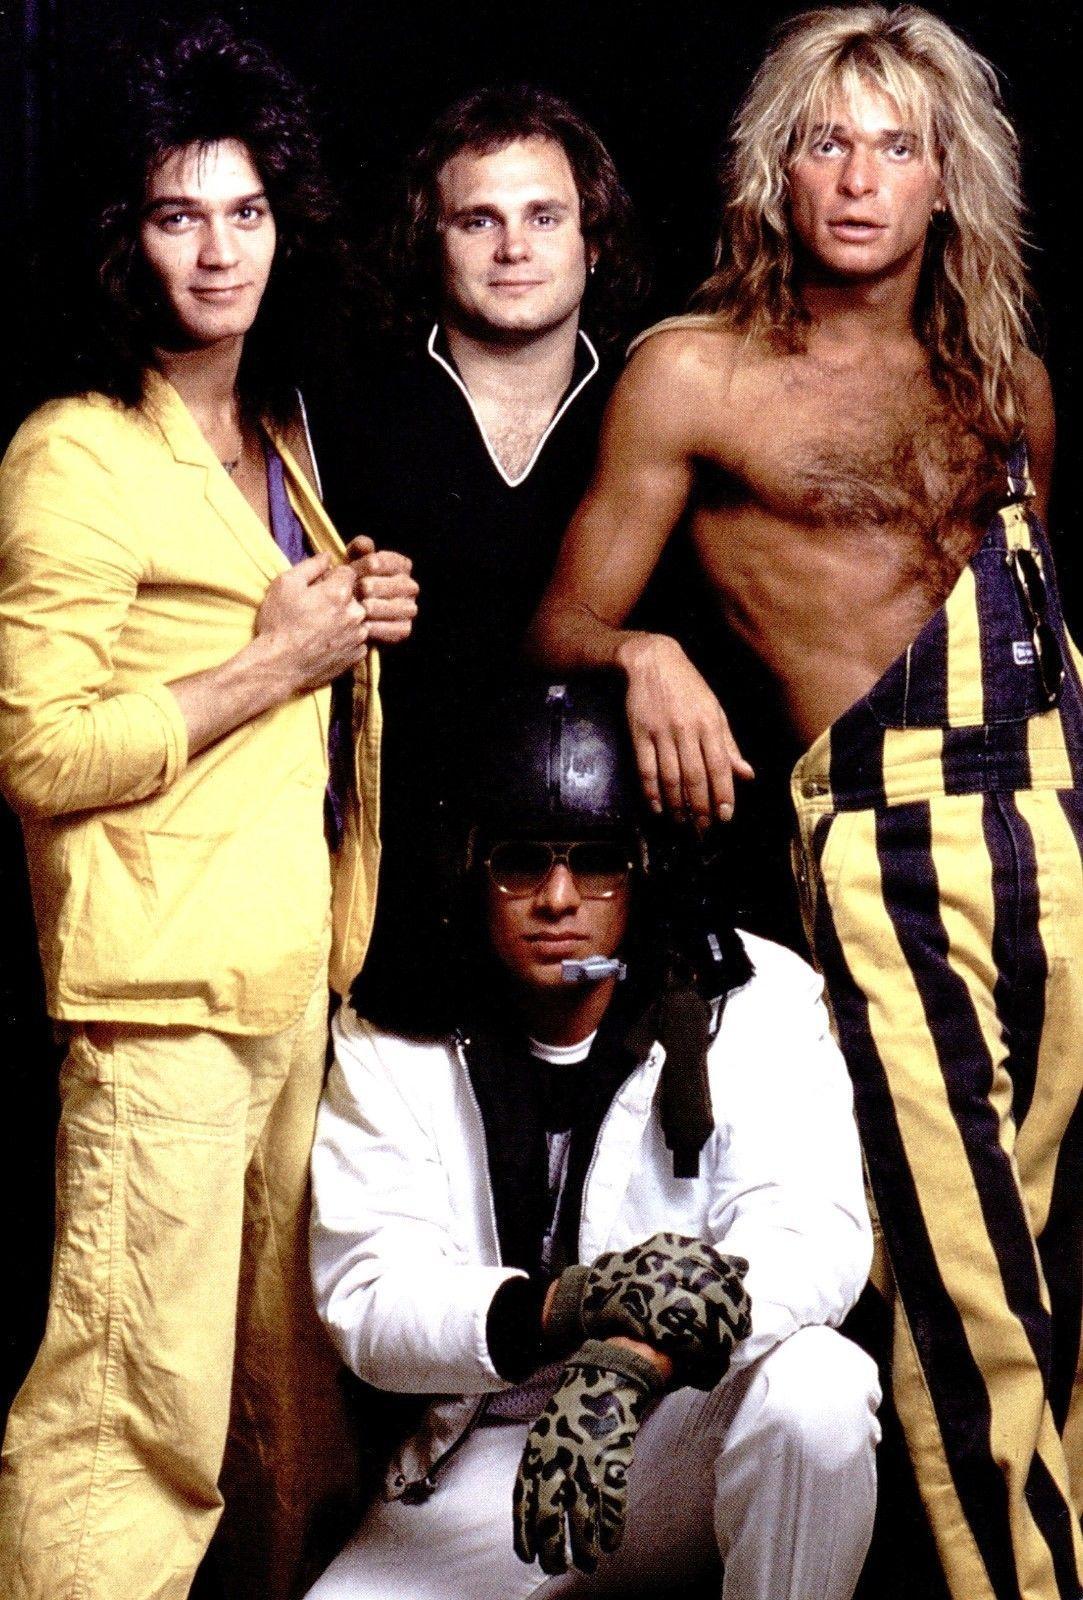 Watch The Van Halen Story On Hulu Http Bit Ly 1rcnc1h Vanhalen Rocknroll Eddievanhalen Davidleeroth Music Van Halen Eddie Van Halen David Lee Roth